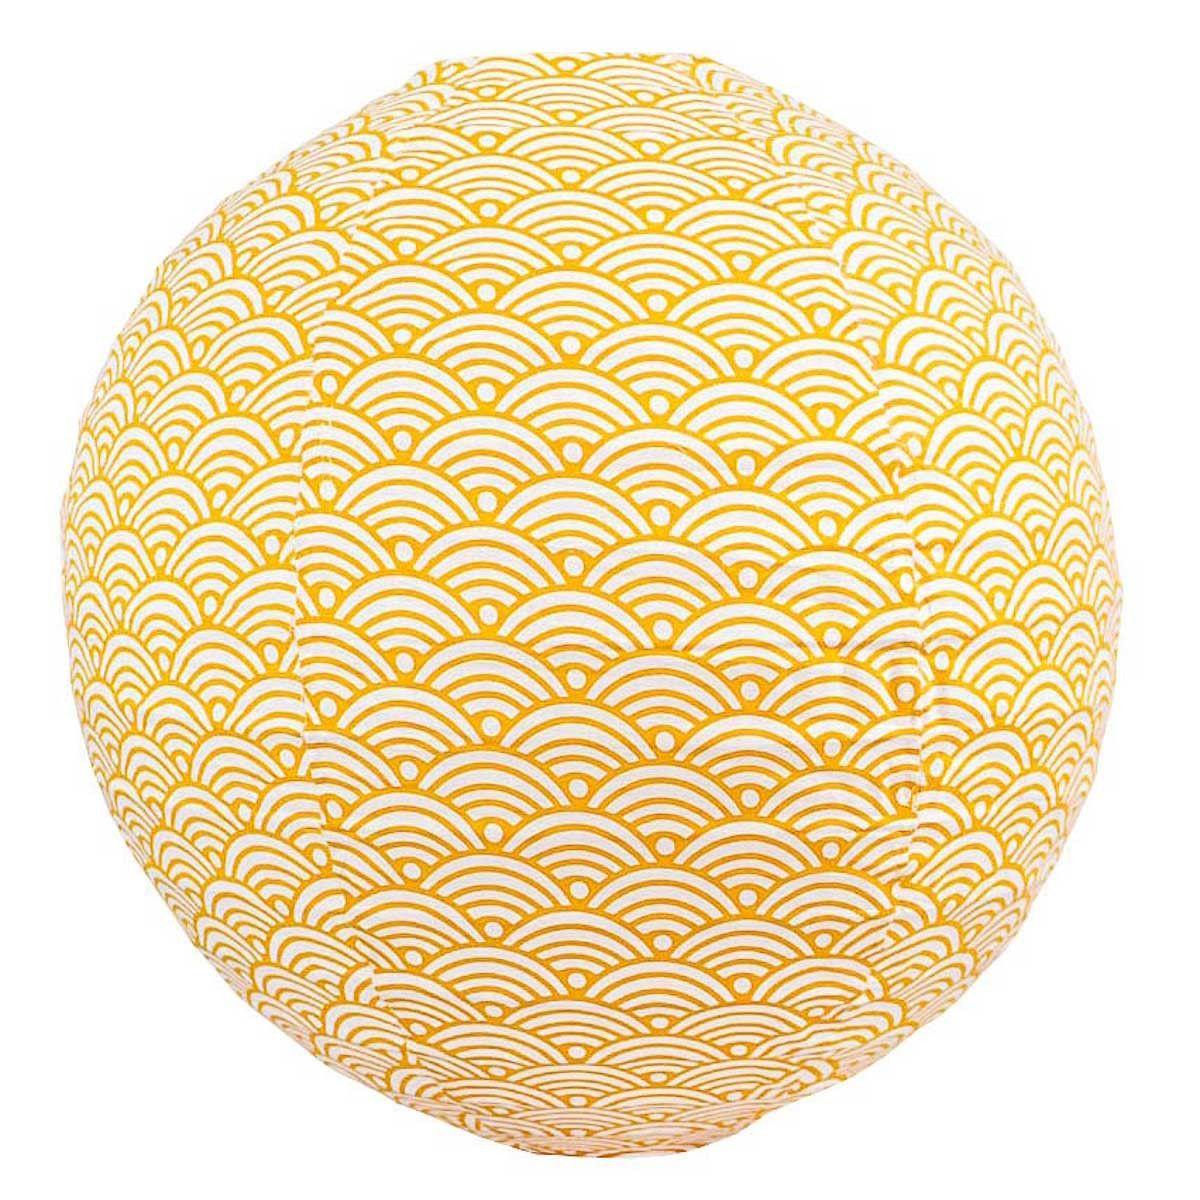 Lampion tissu boule japonaise rond Nami moutarde